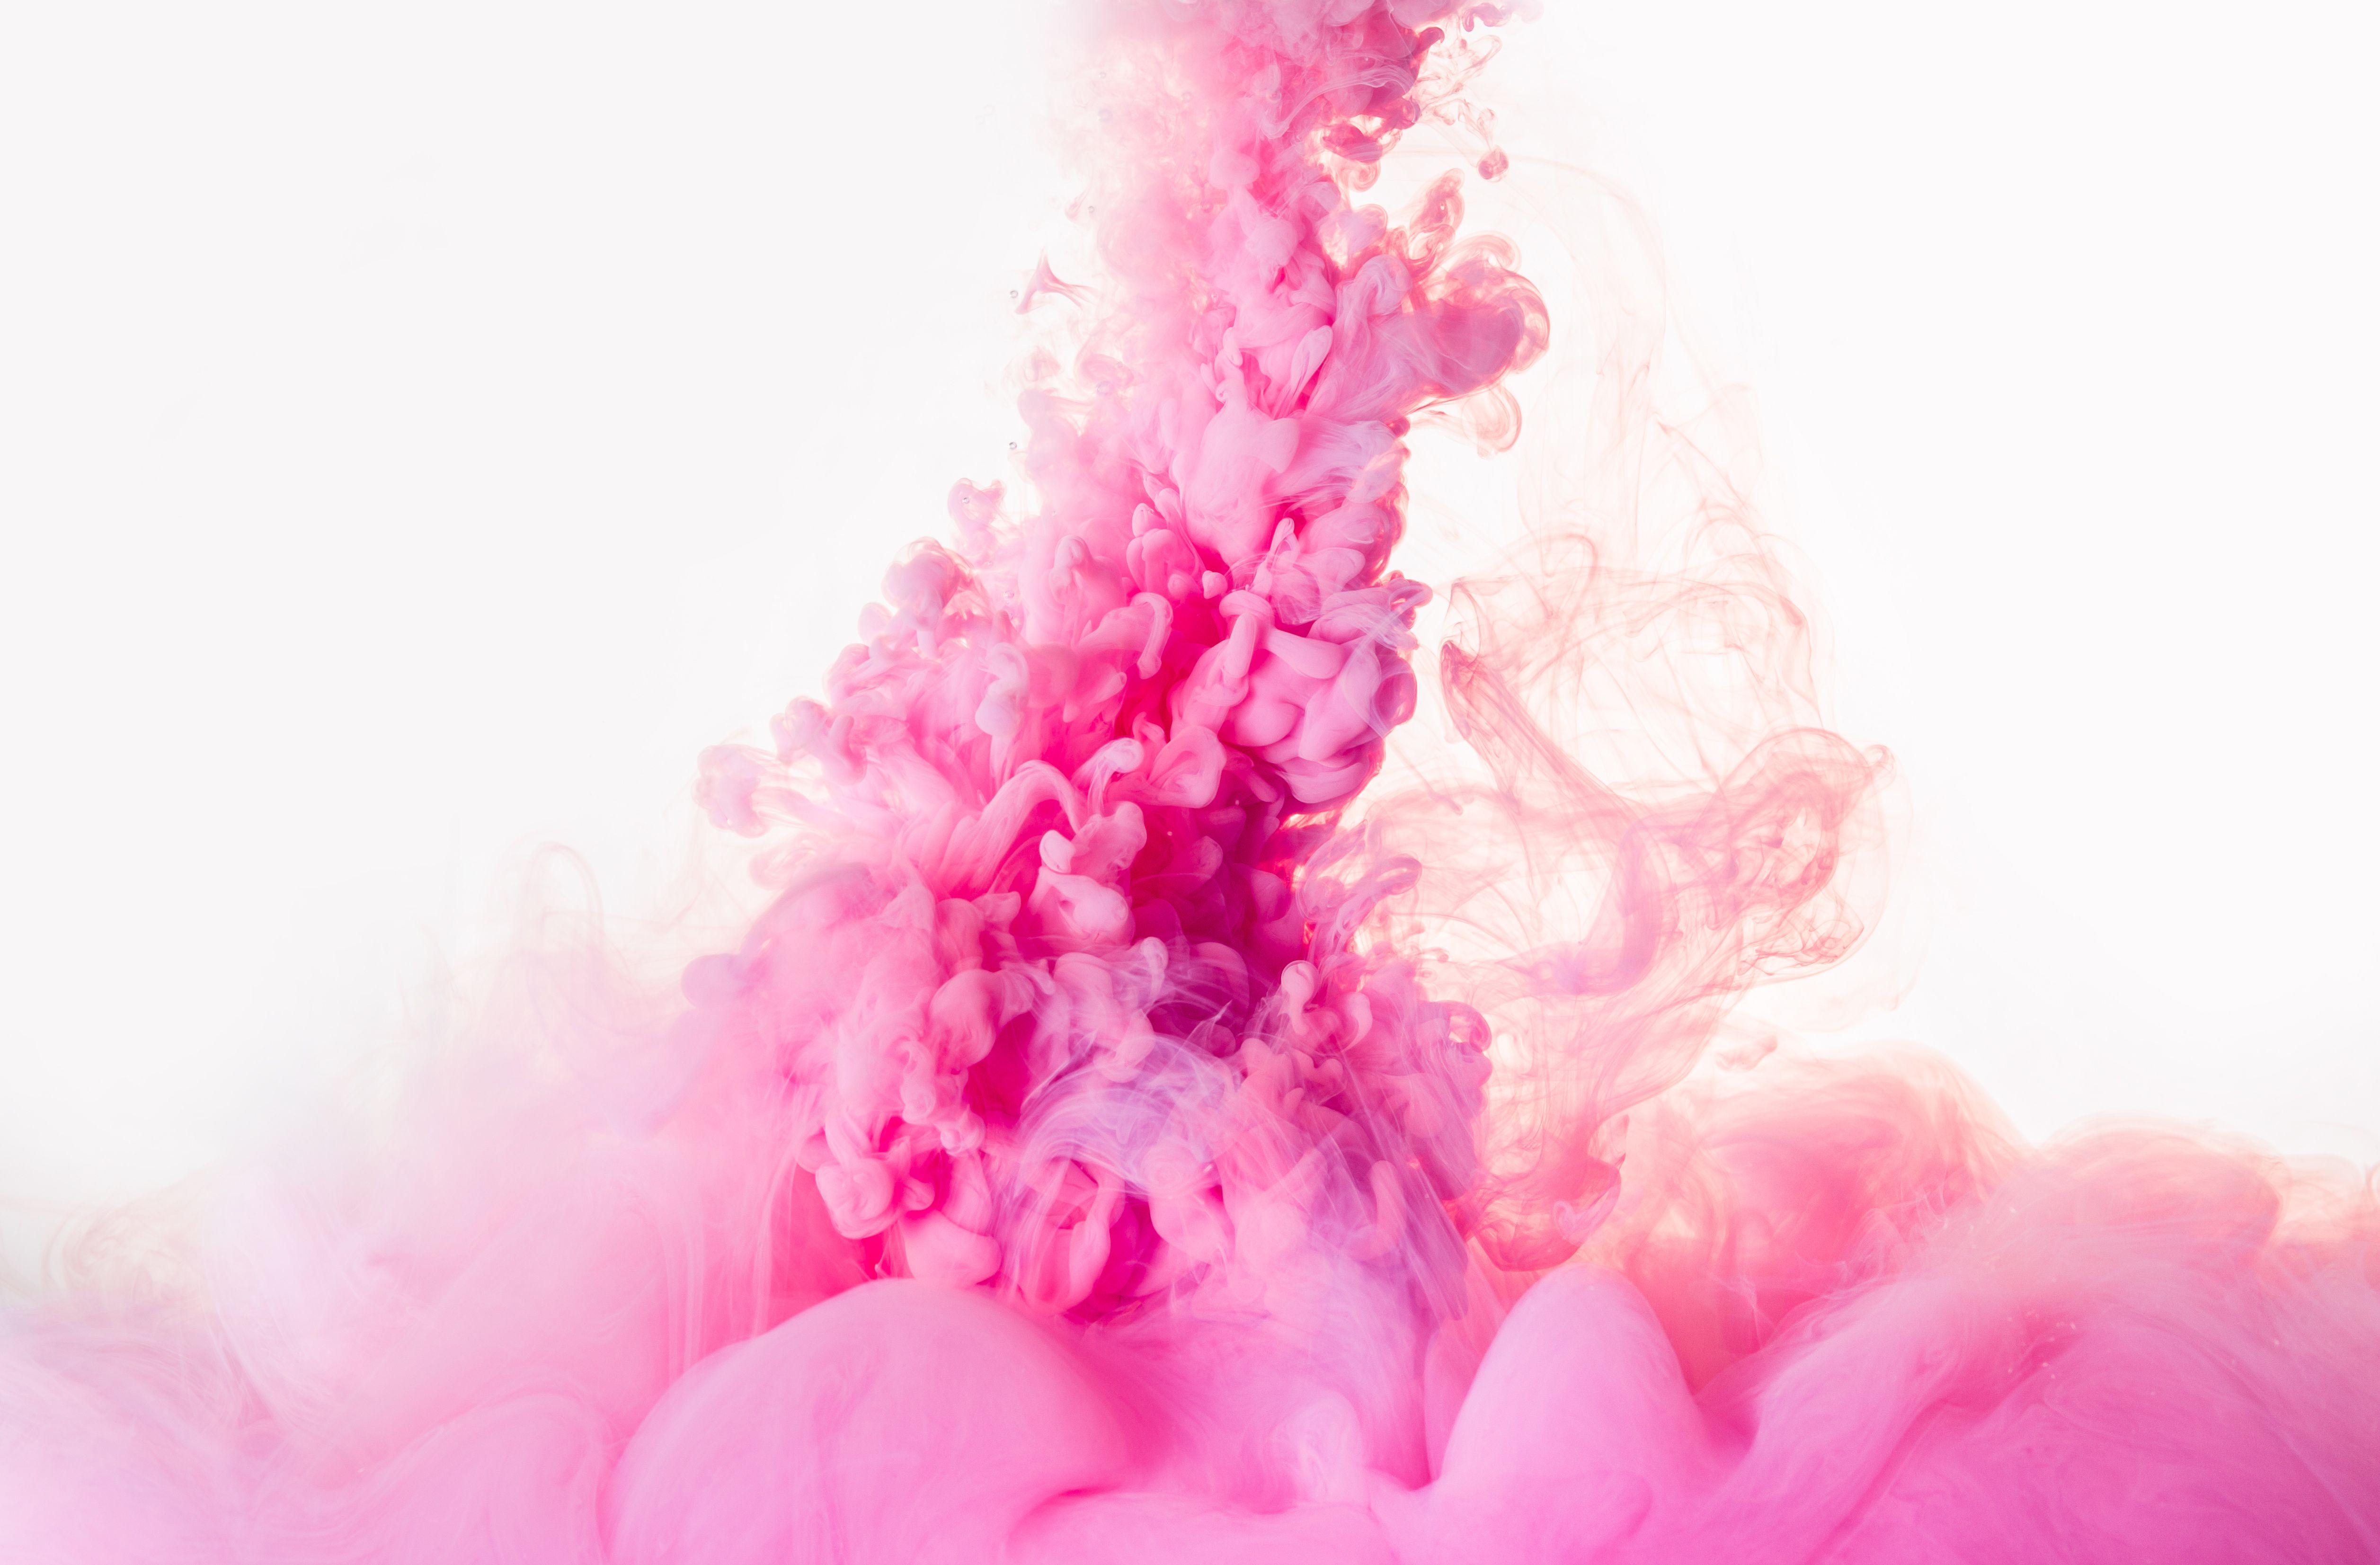 free photo  pink smoke